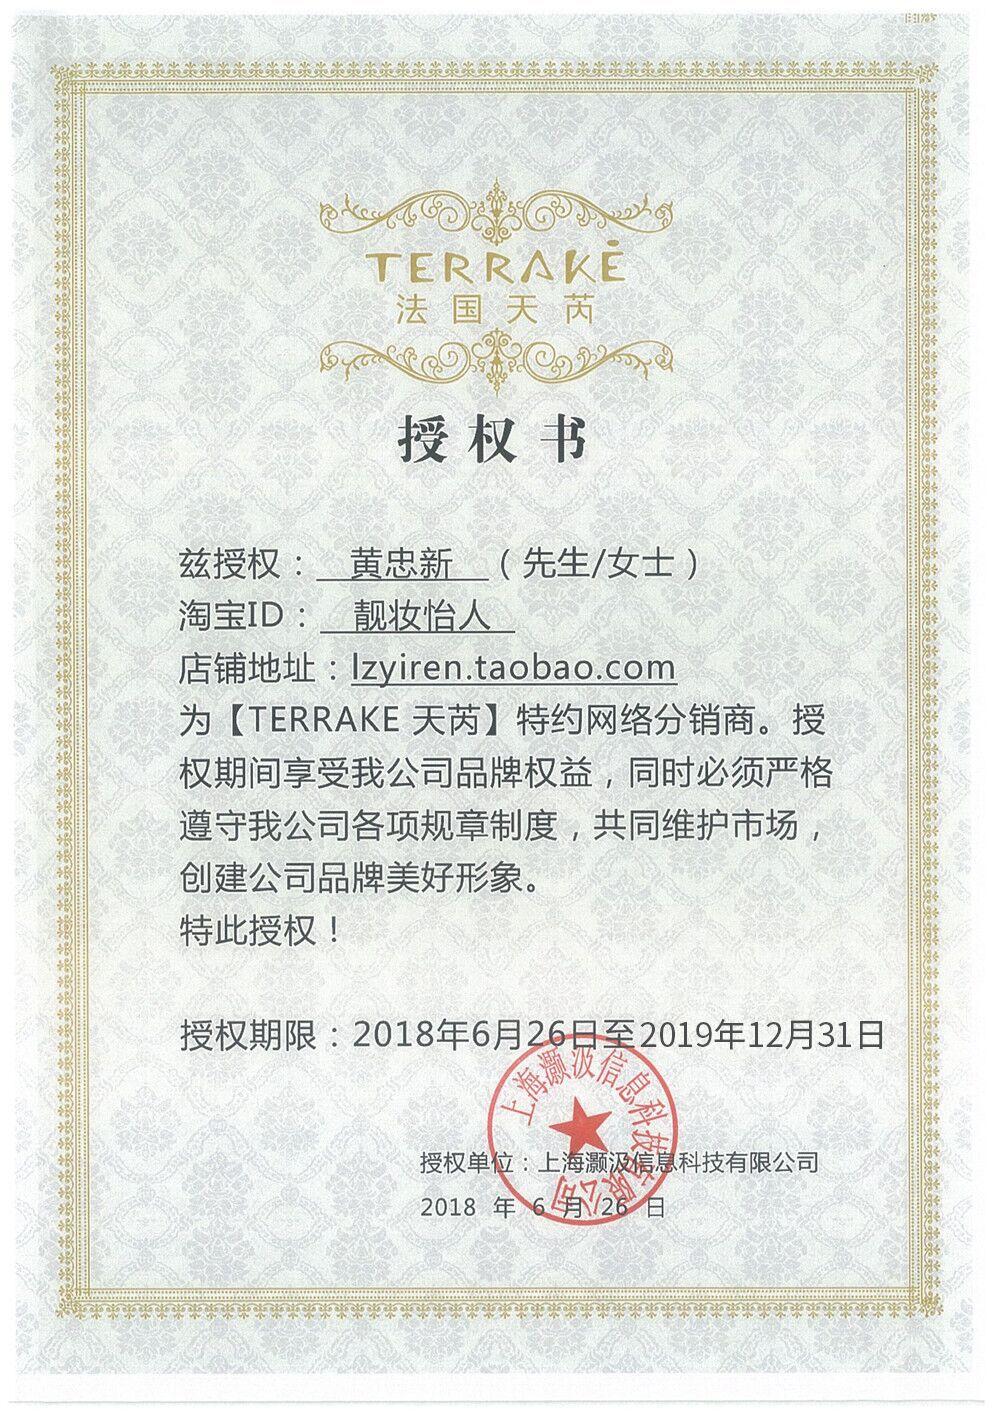 Terrake  B.L.C